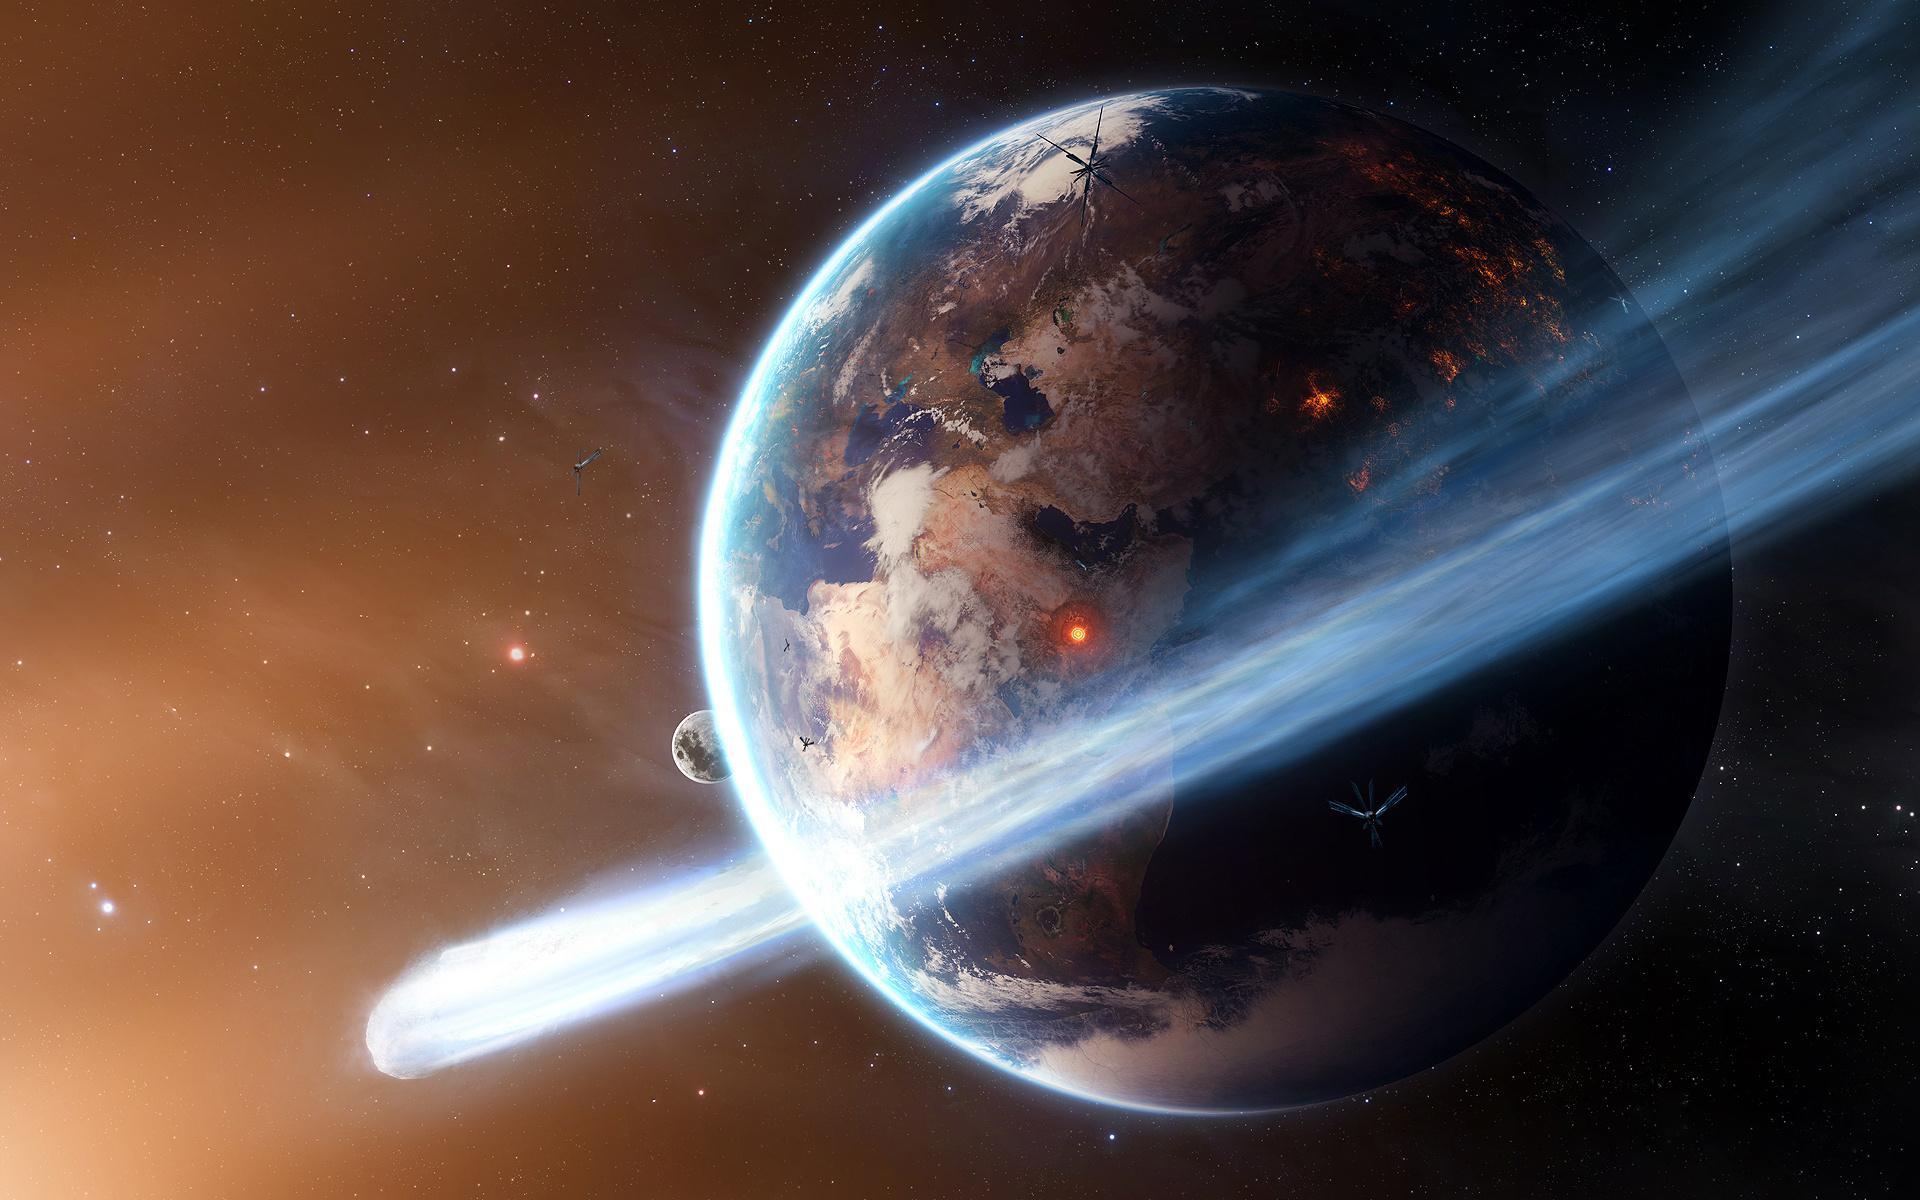 планеты, метеорит, комета